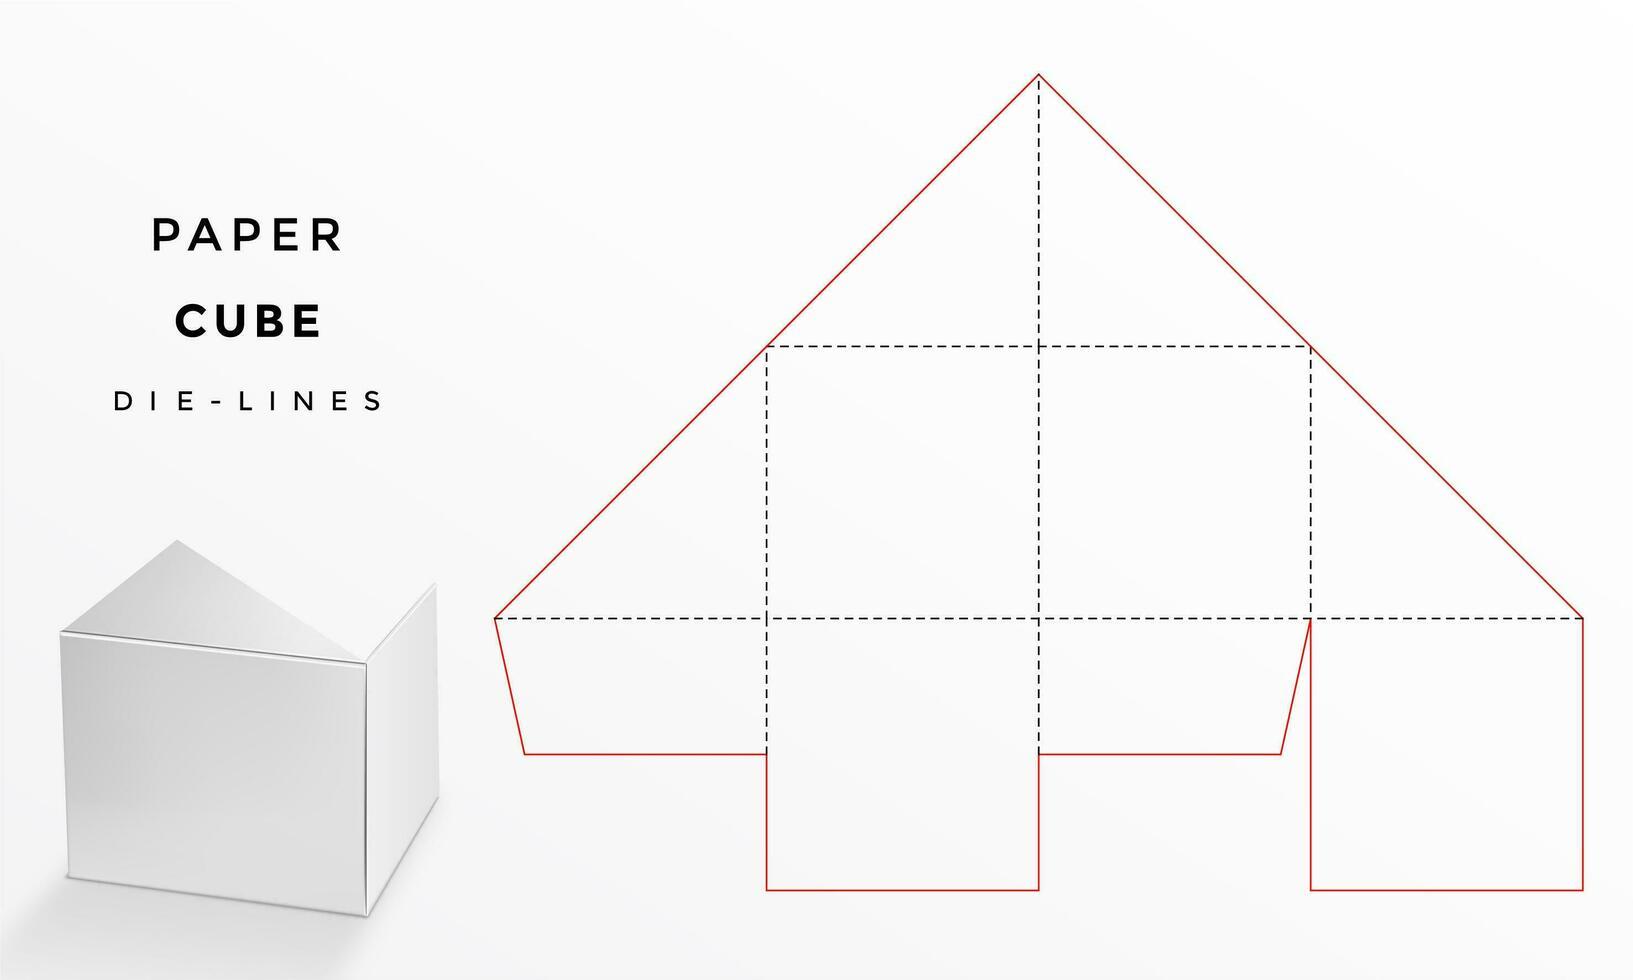 modelo de cubo de papel com linhas de matriz vetor